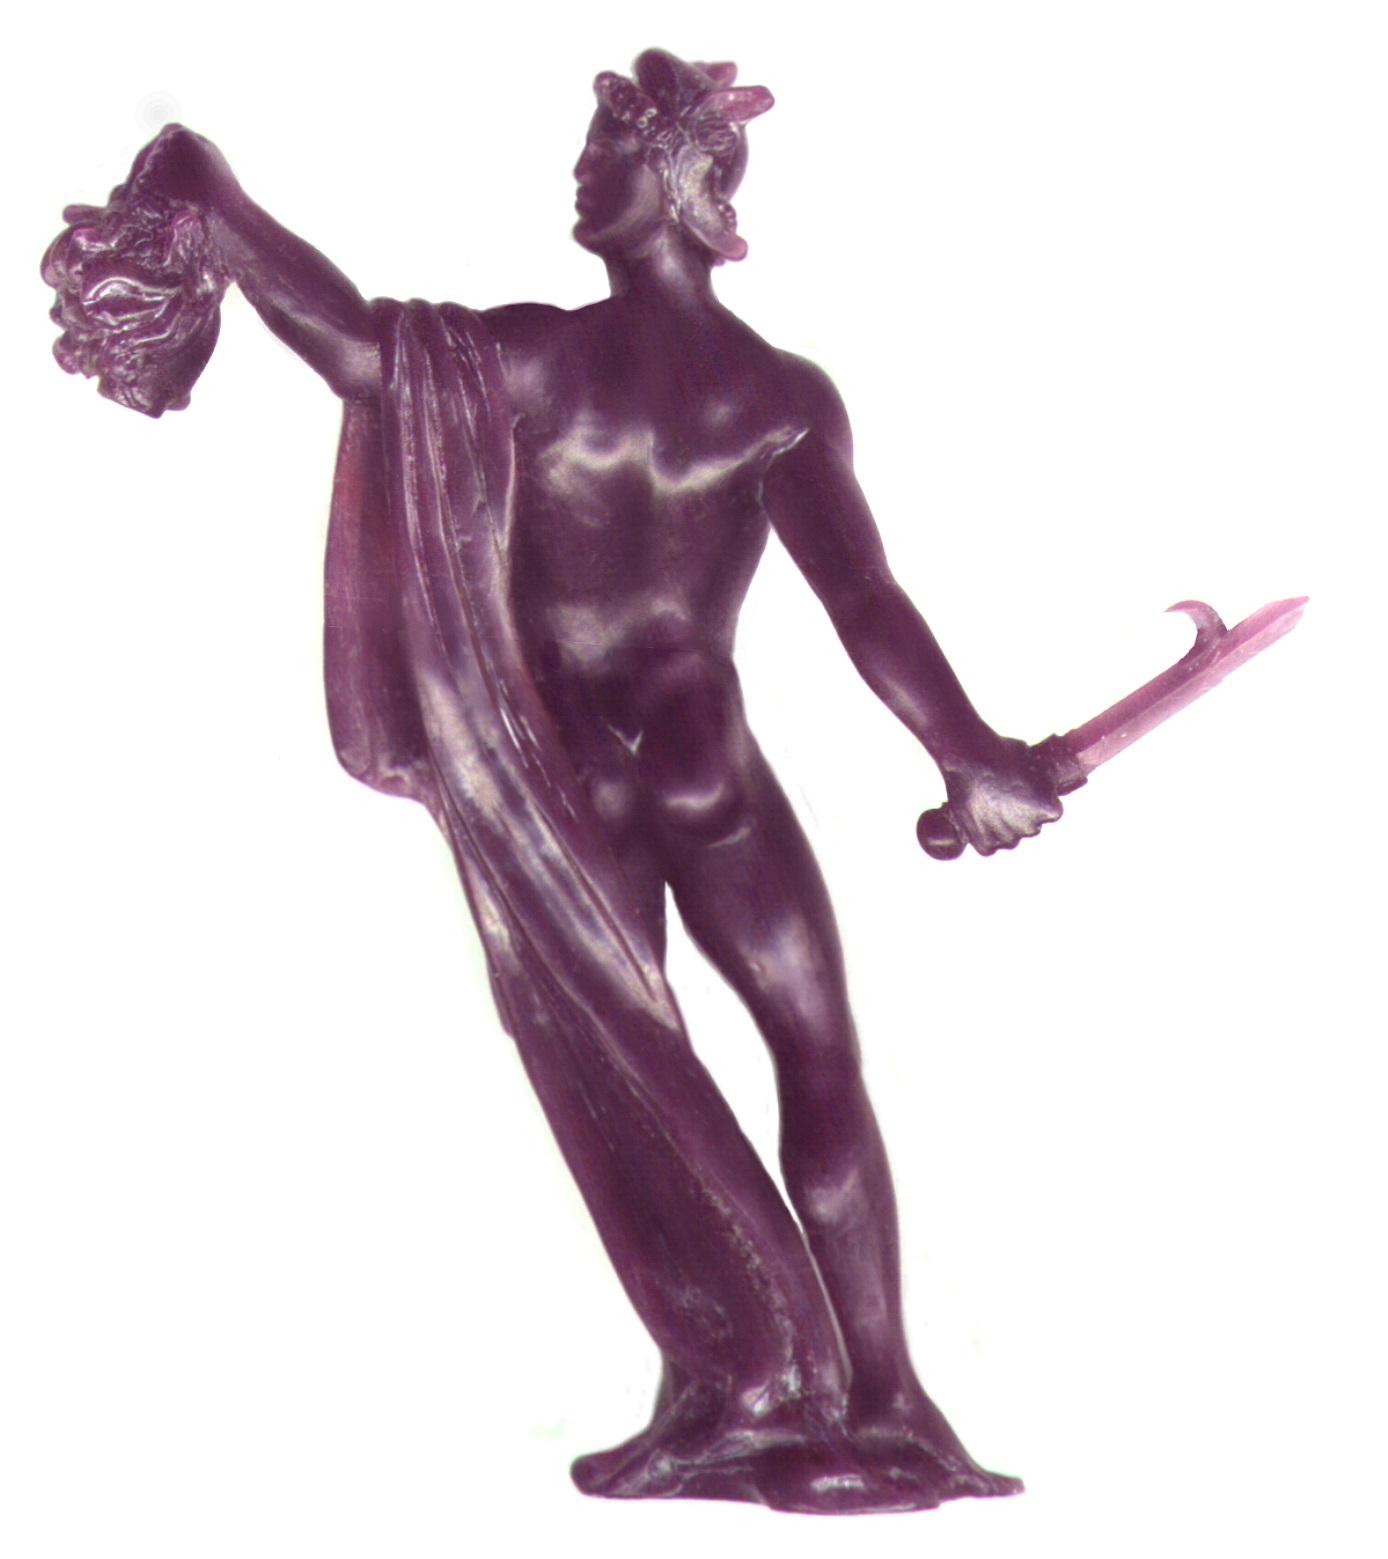 Perseo Canova